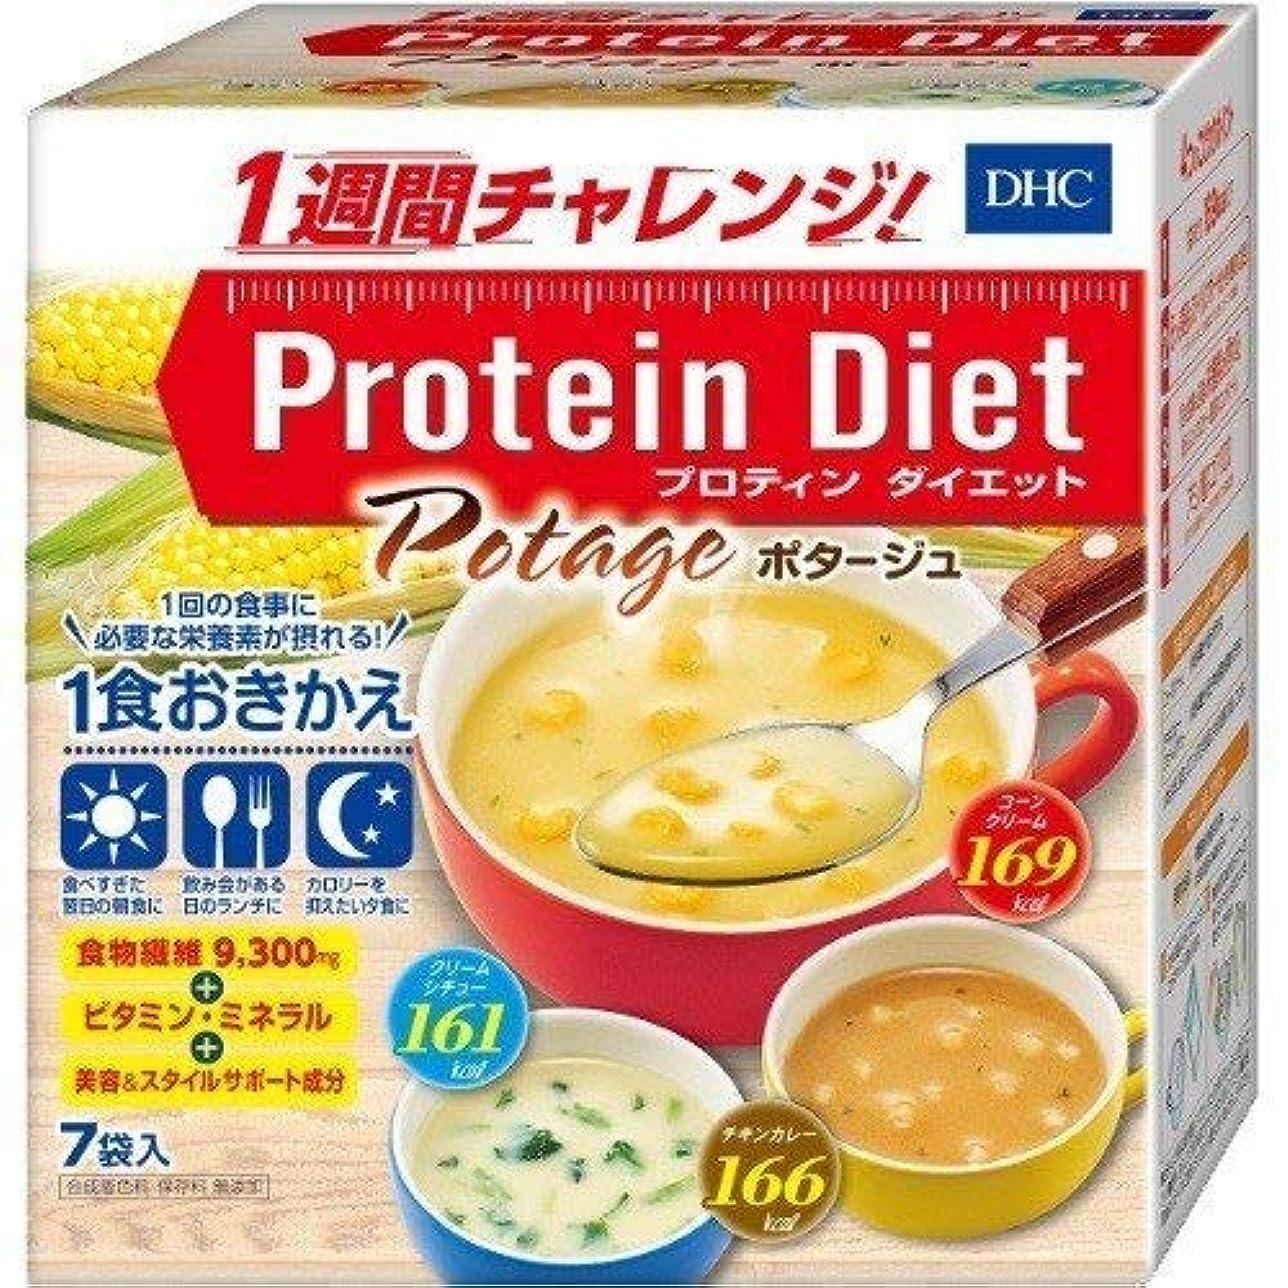 組み立てる受益者胆嚢DHC 健康食品相談室 DHC プロティンダイエット ポタージュ 7袋入 4511413406366